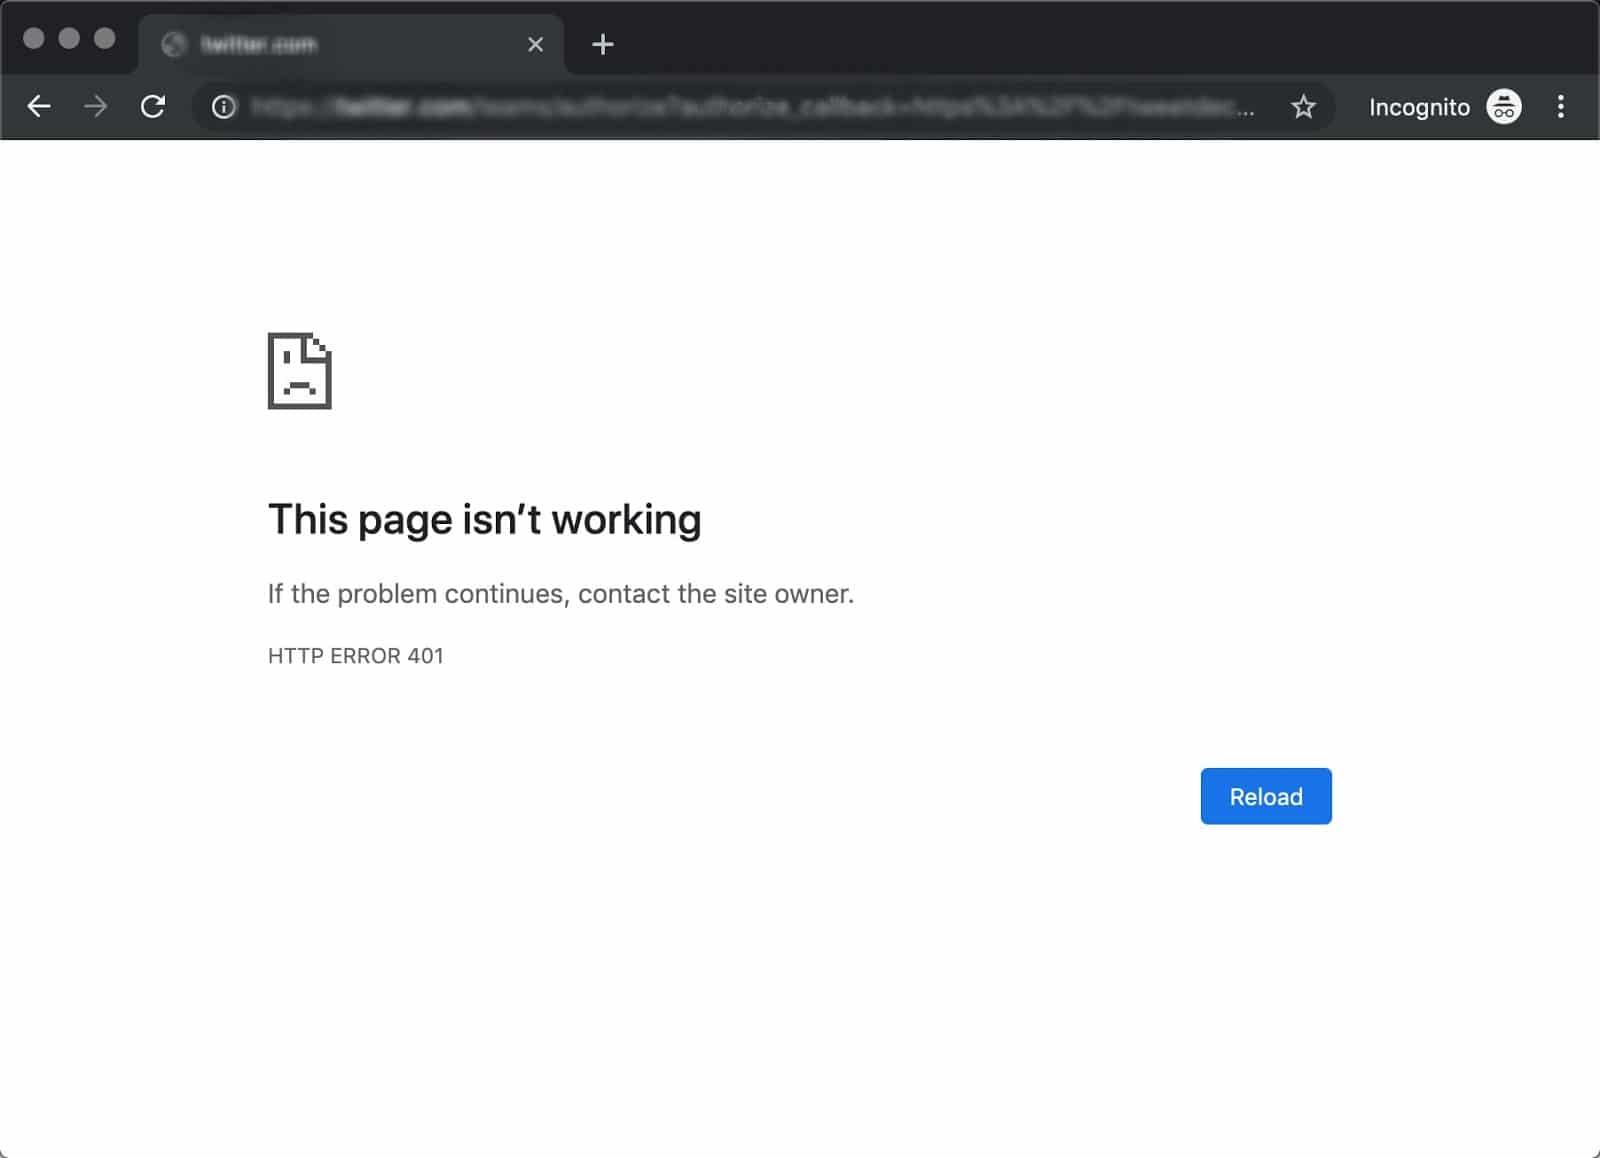 Der 401 Fehler in Chrome